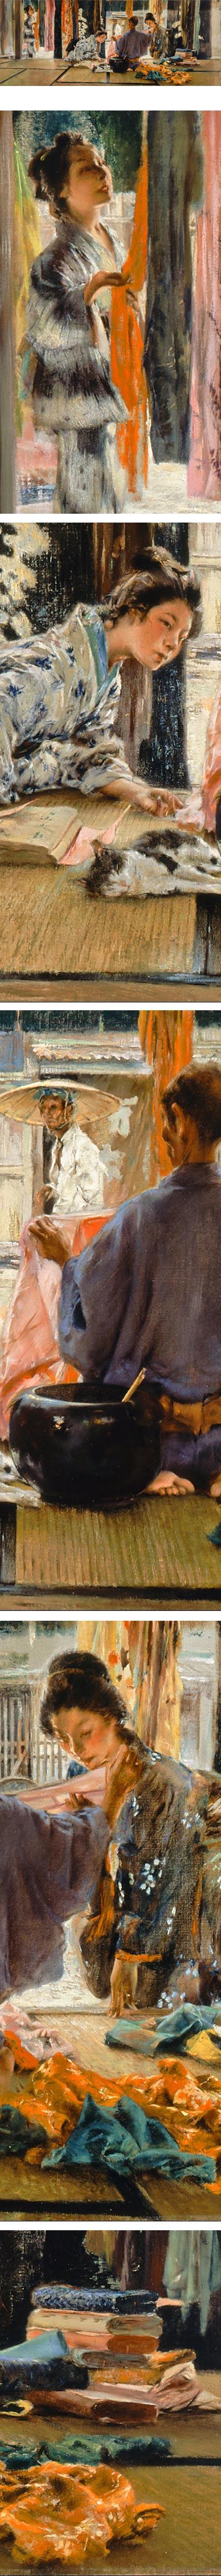 The Silk Merchant, Japan; Robert Frederick Blum